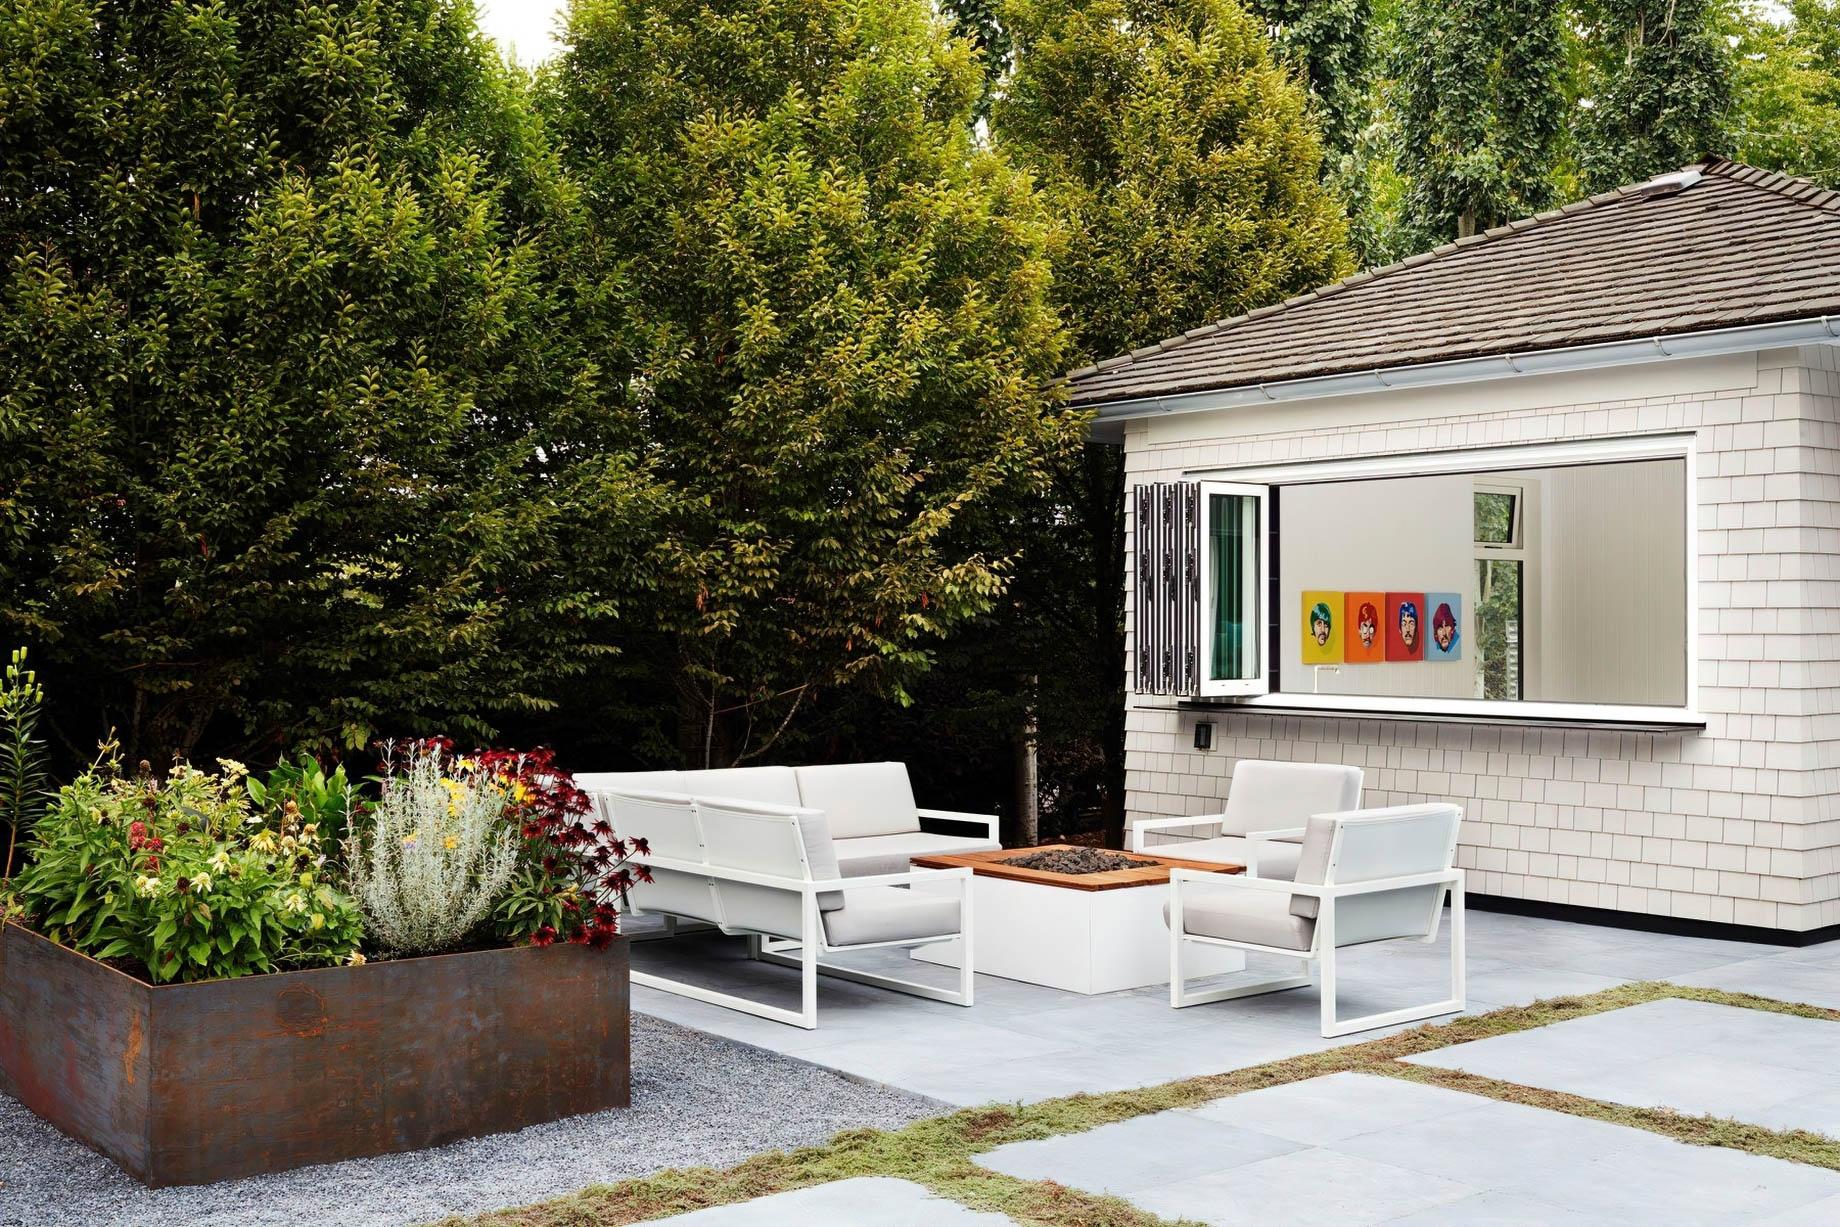 Balaclava Modern Farmhouse Southlands Estate – Vancouver, BC, Canada